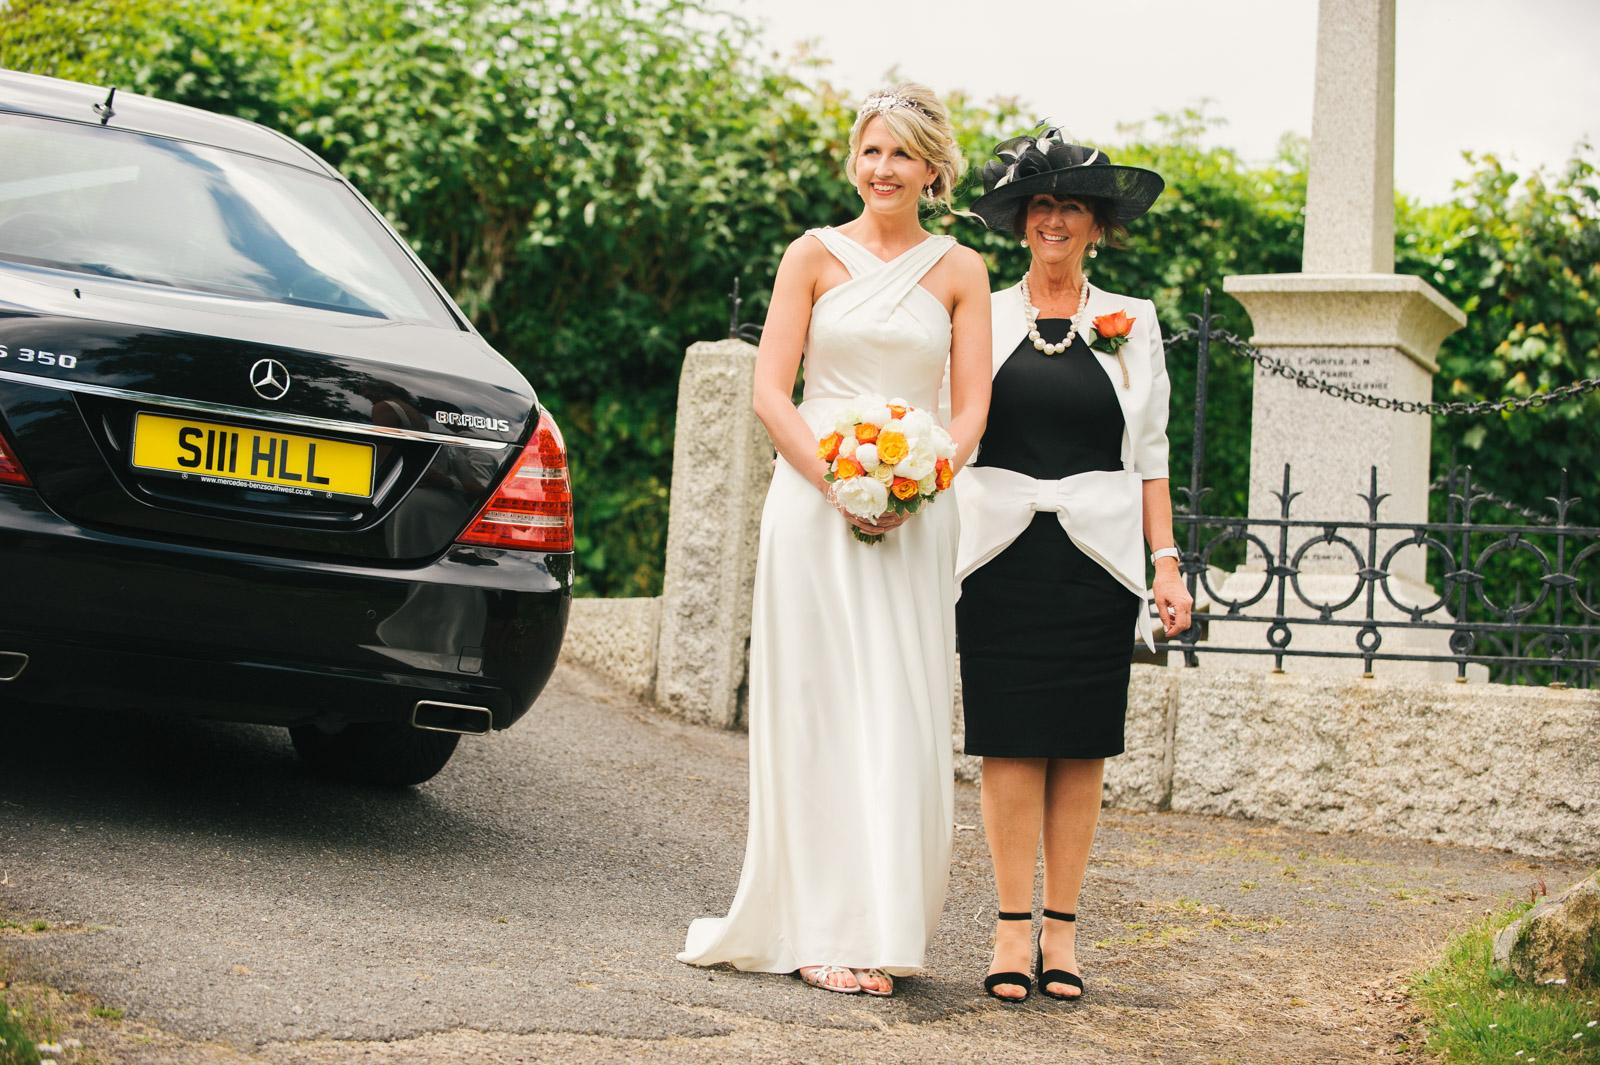 mylor-church-wedding-27.jpg